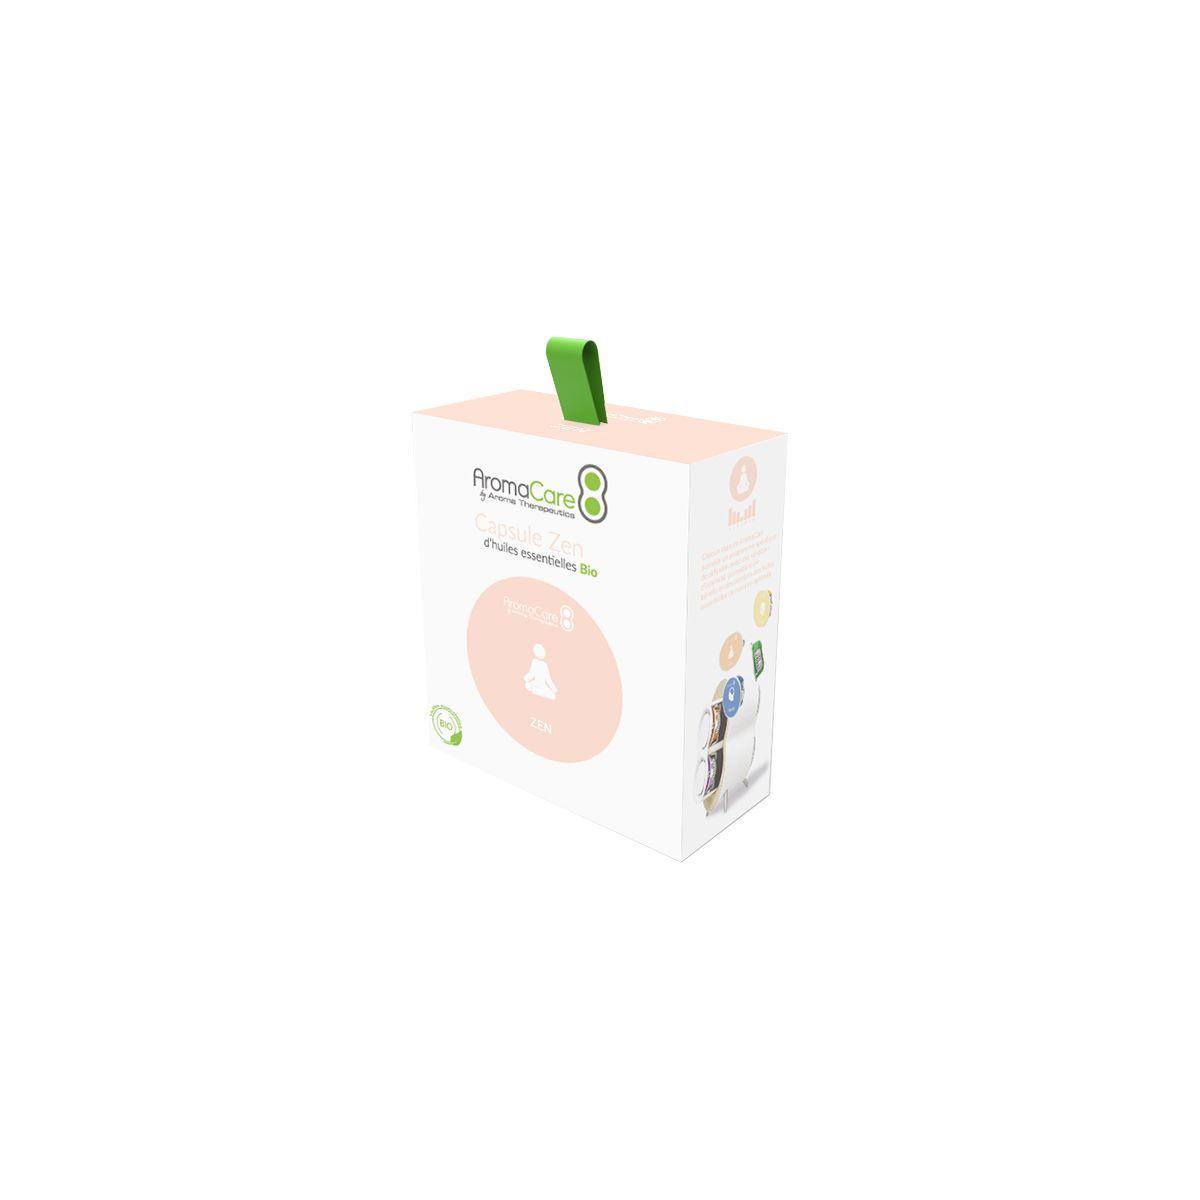 Capsule parfum aromacare calme (photo)